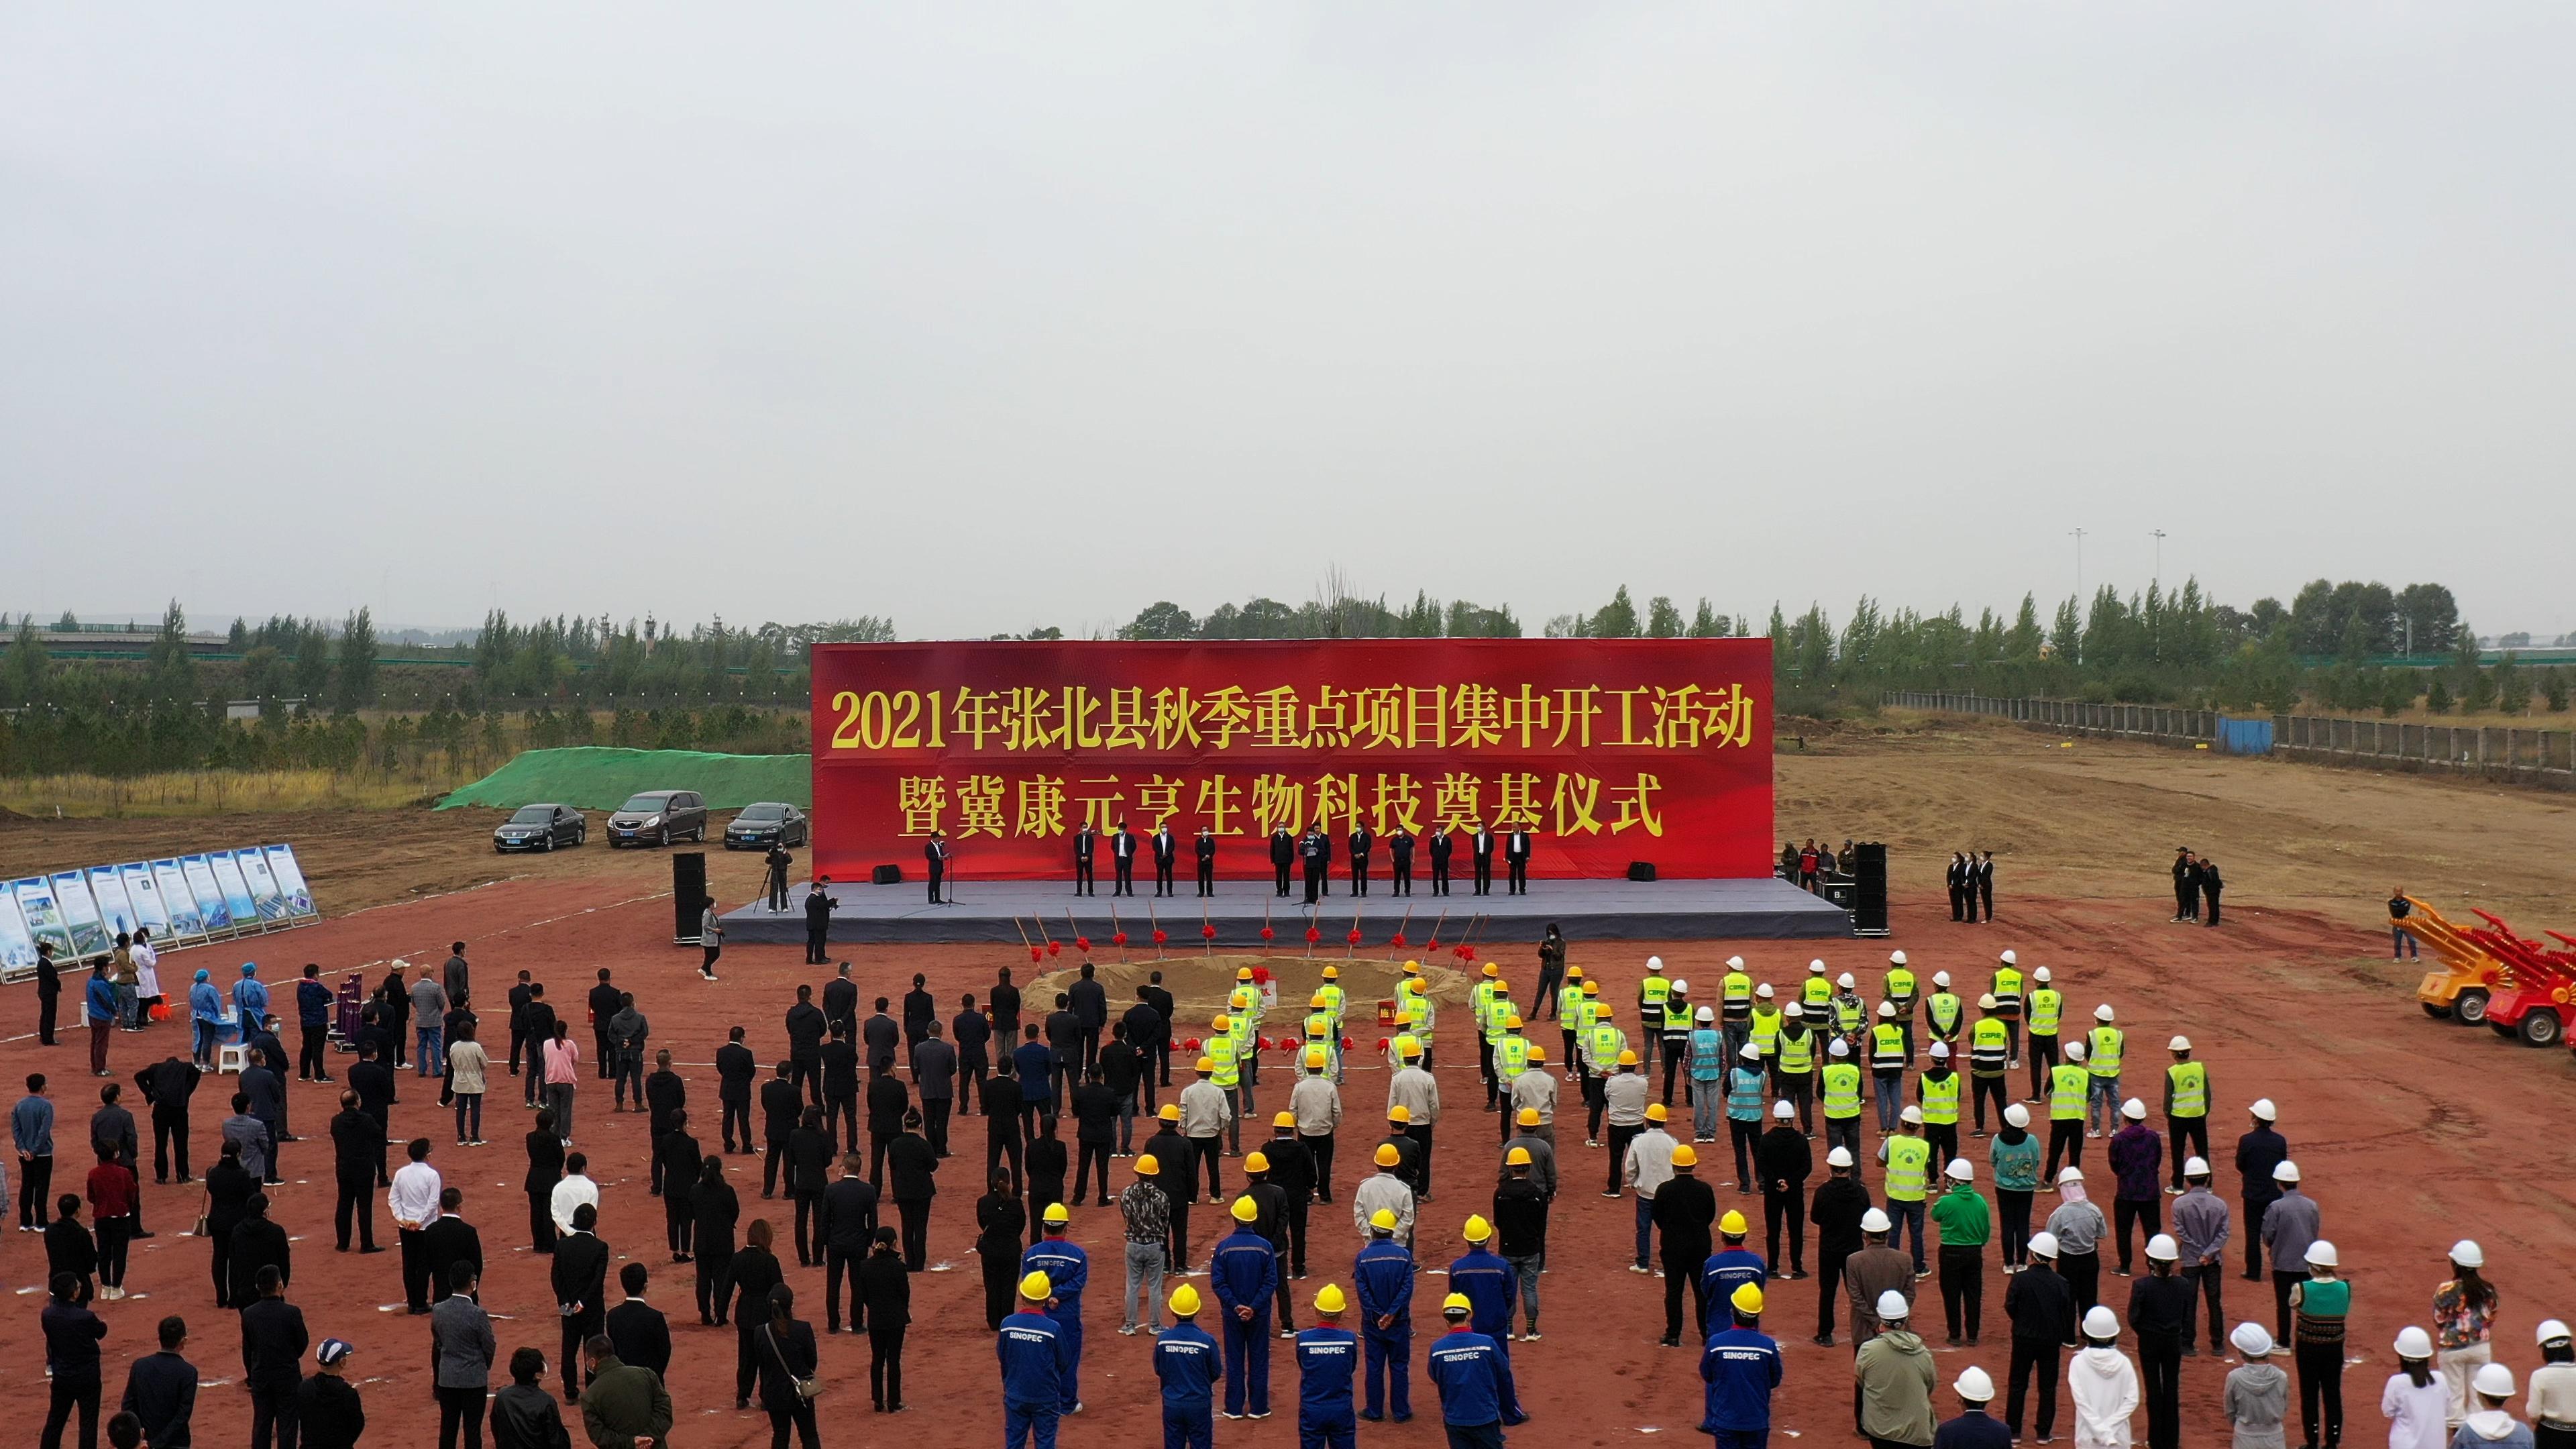 2021年张北县秋季重点项目集中开工现场.jpg